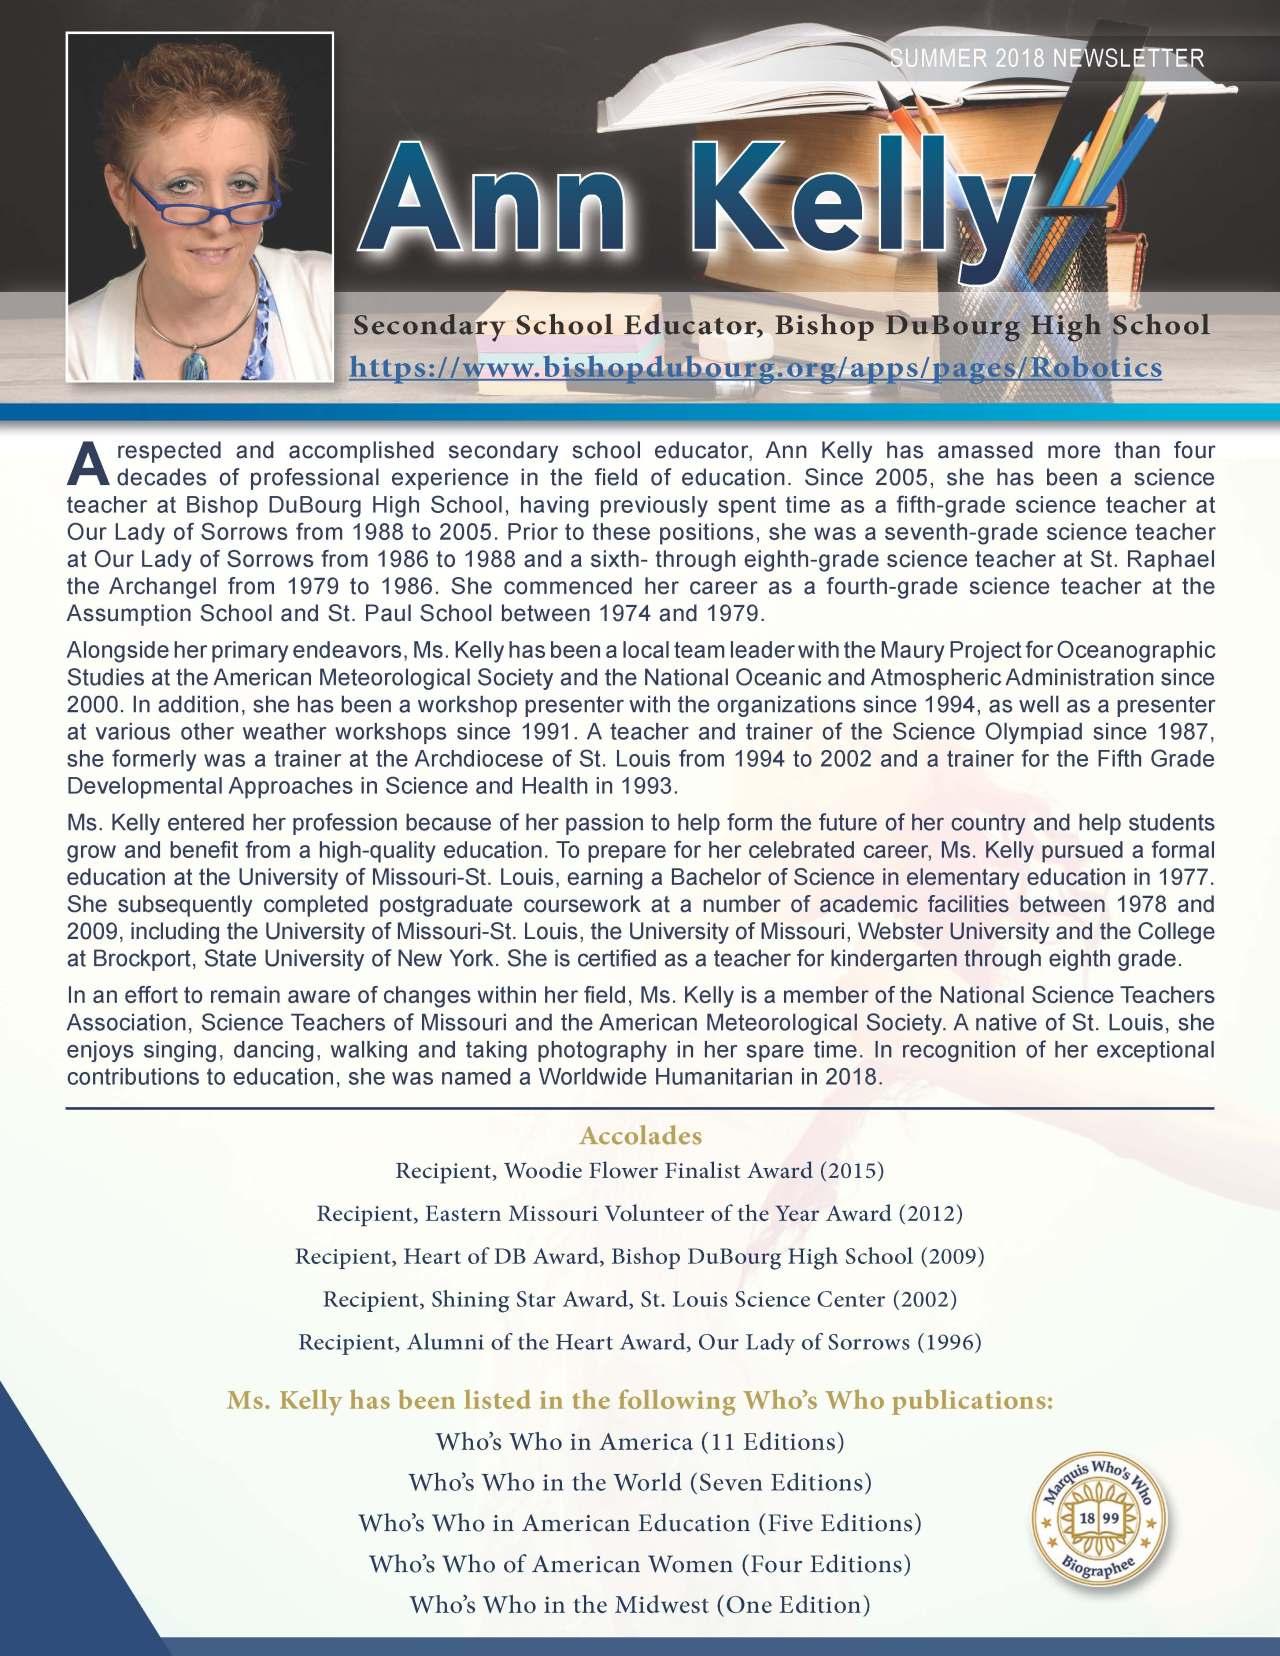 Kelly, Ann 3883262_23173487 Newsletter.jpg